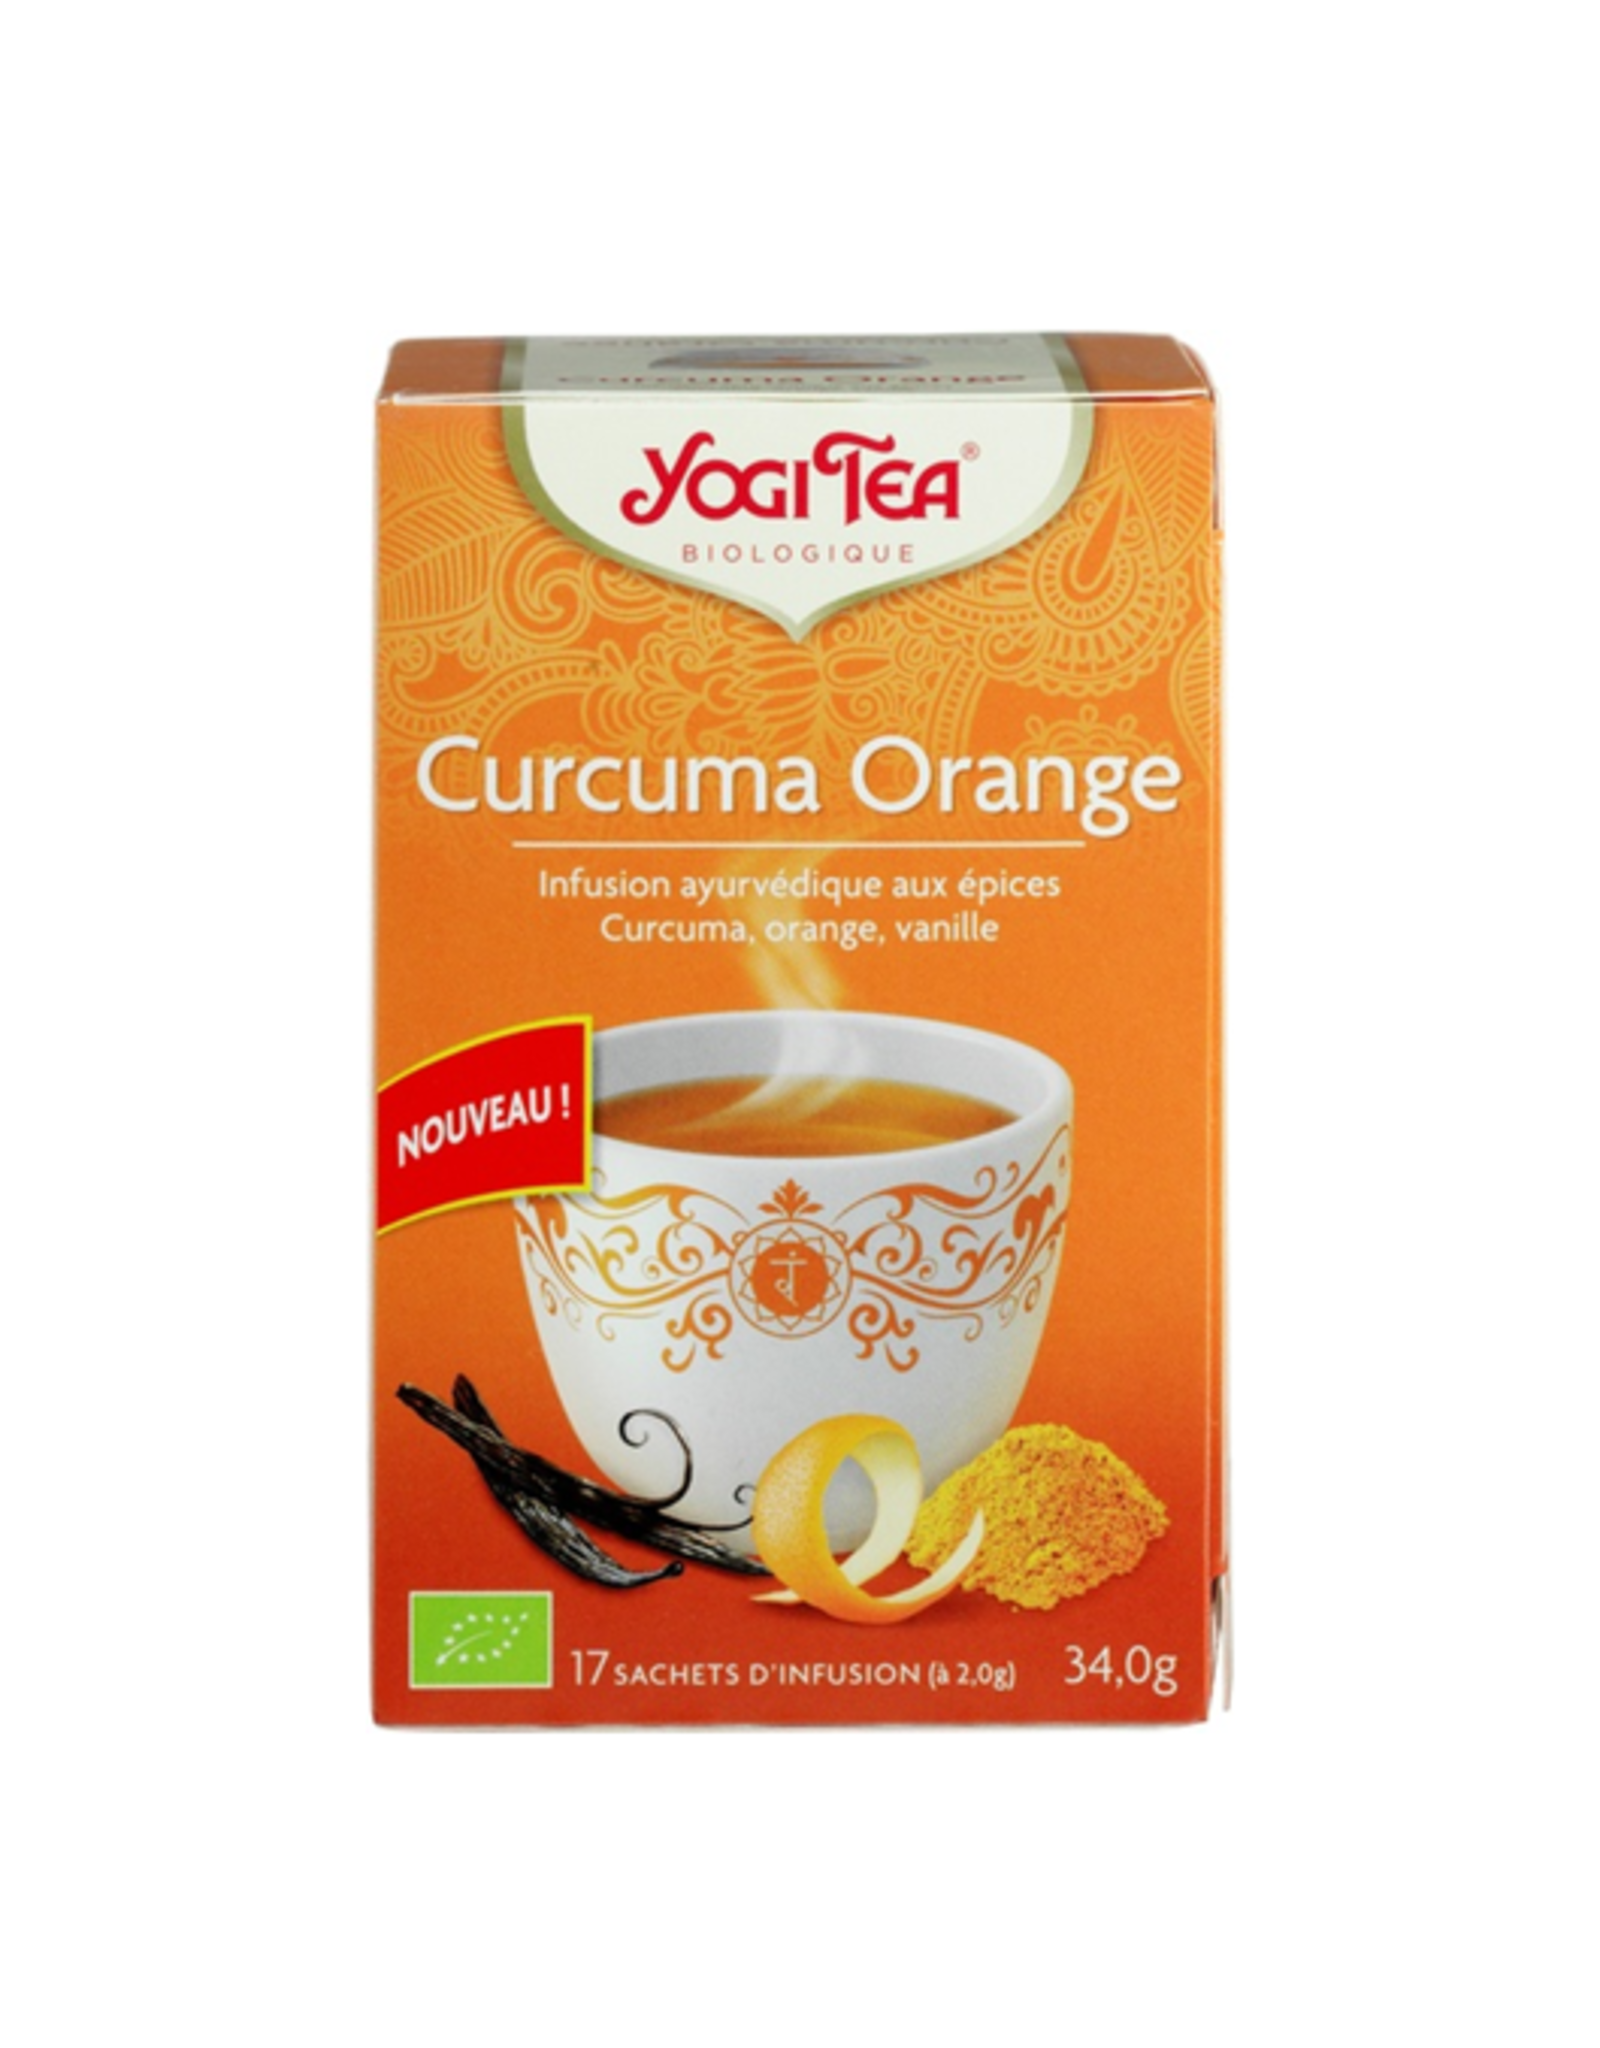 Yogi Tea Curcuma Orange